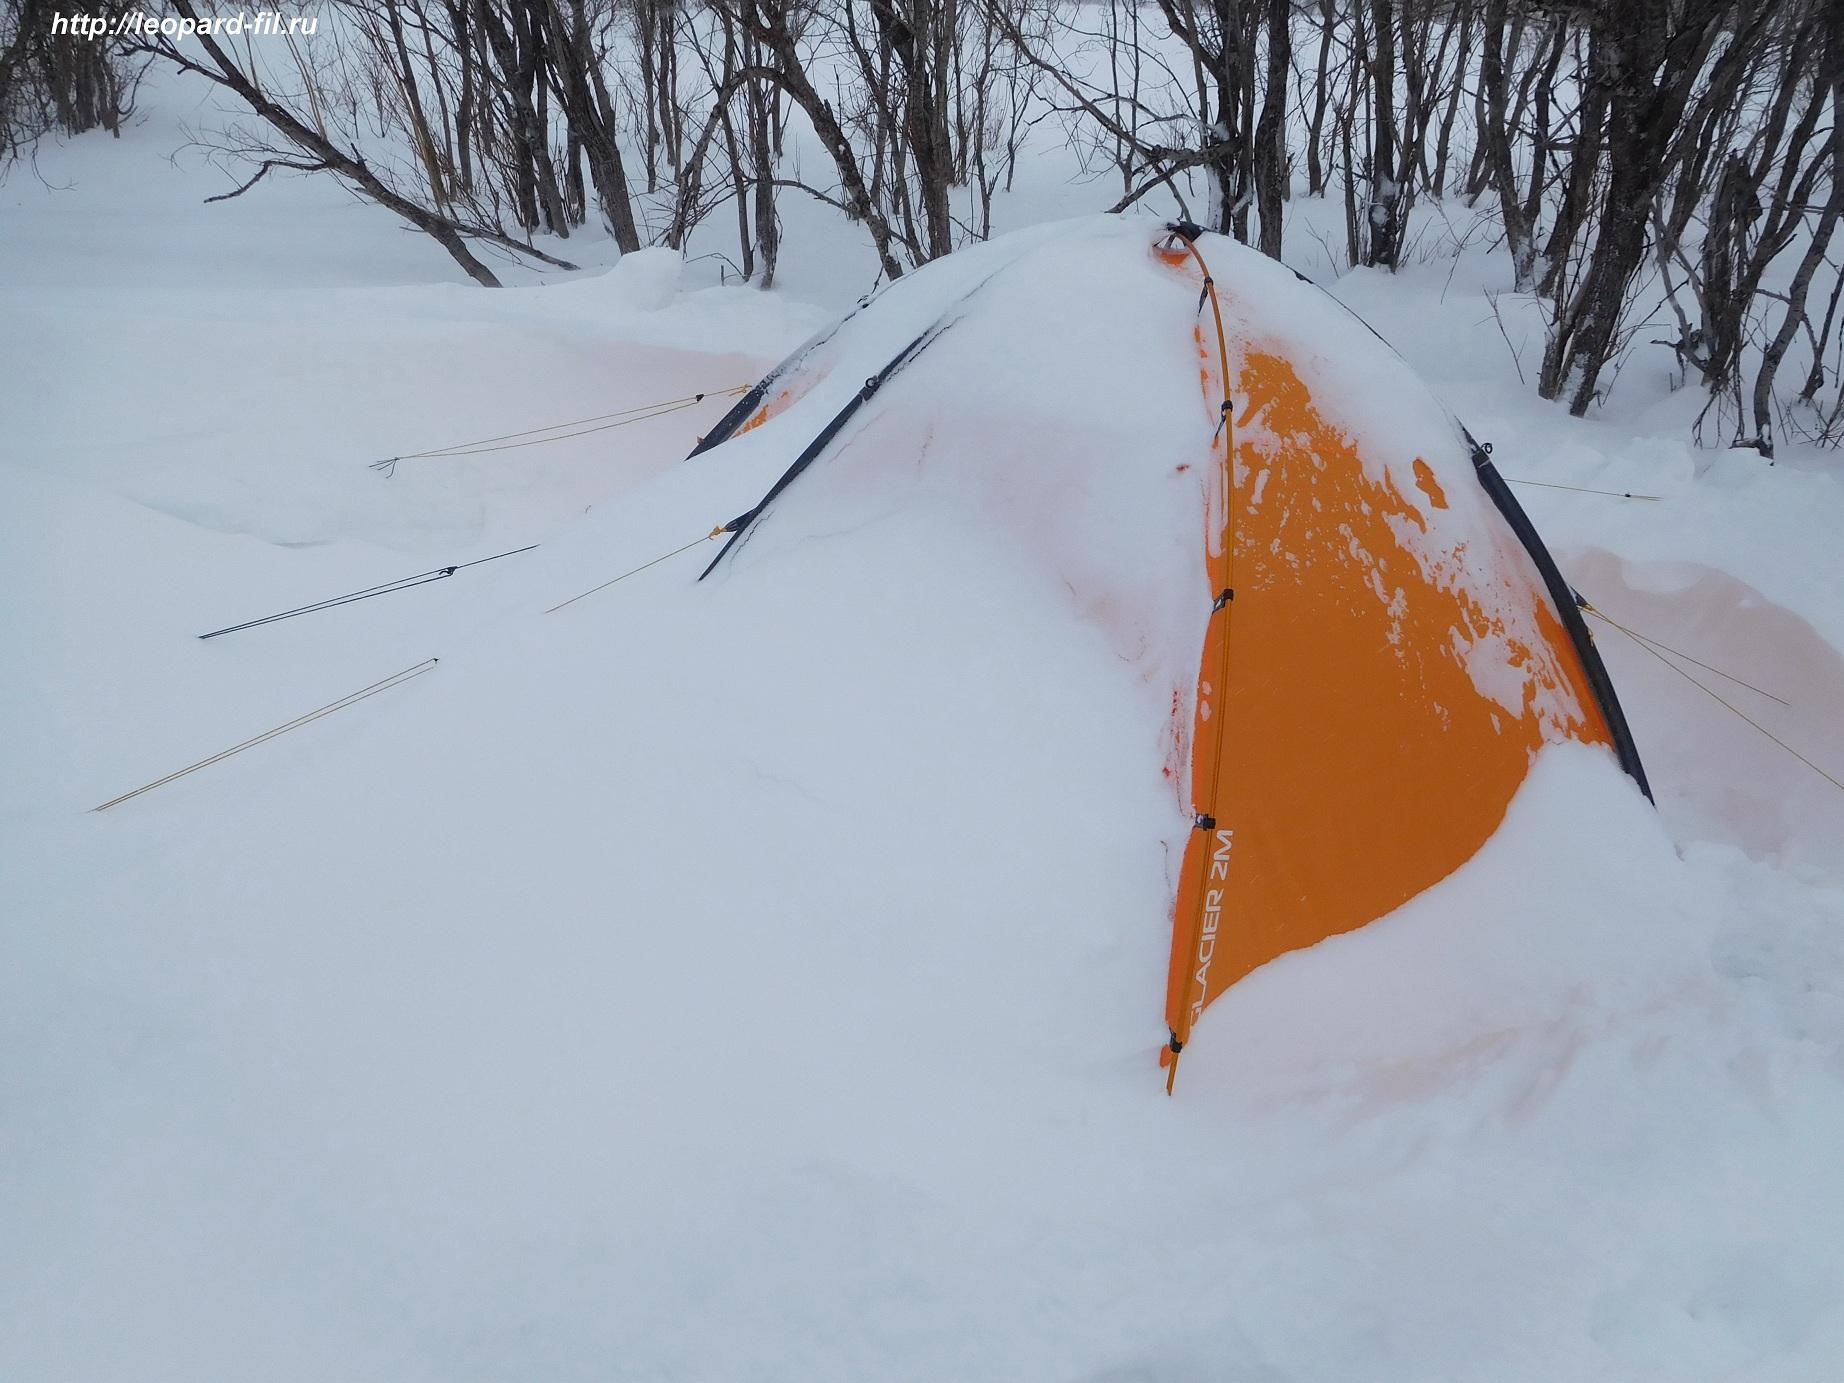 Снежные якоря для растяжки палатки